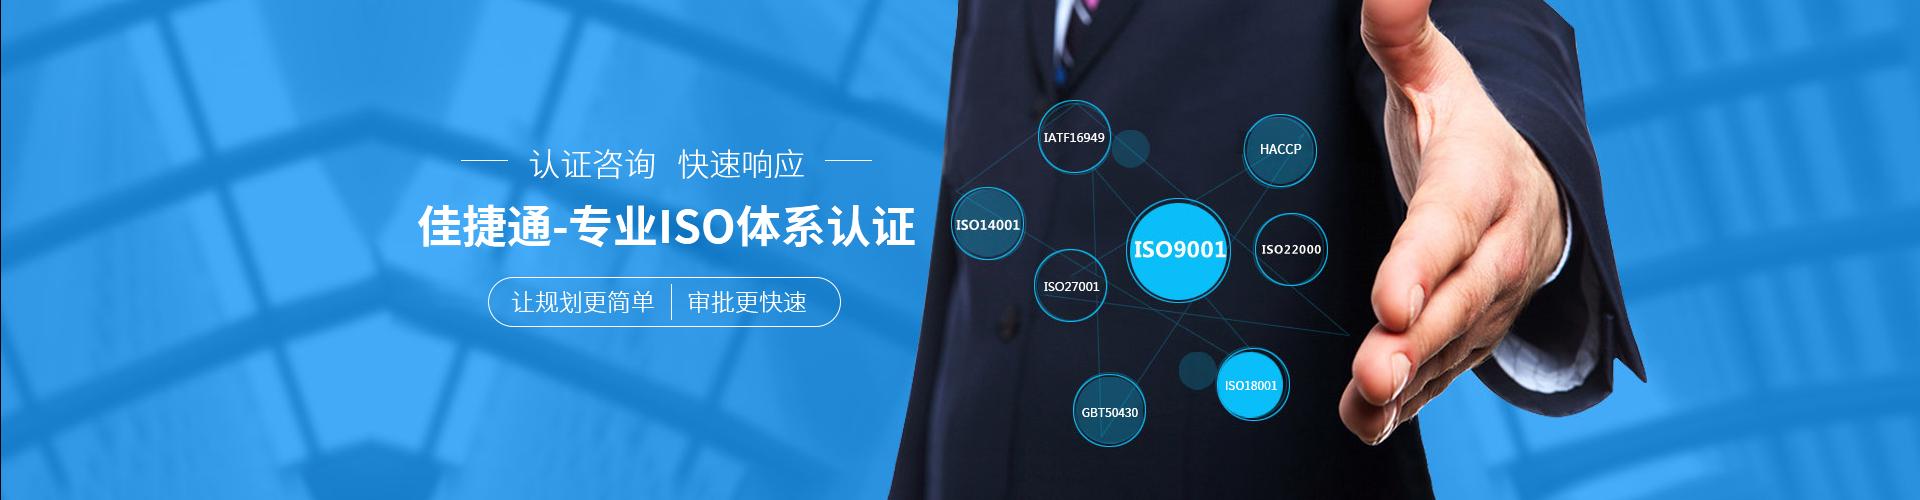 武汉iso9001认证公司